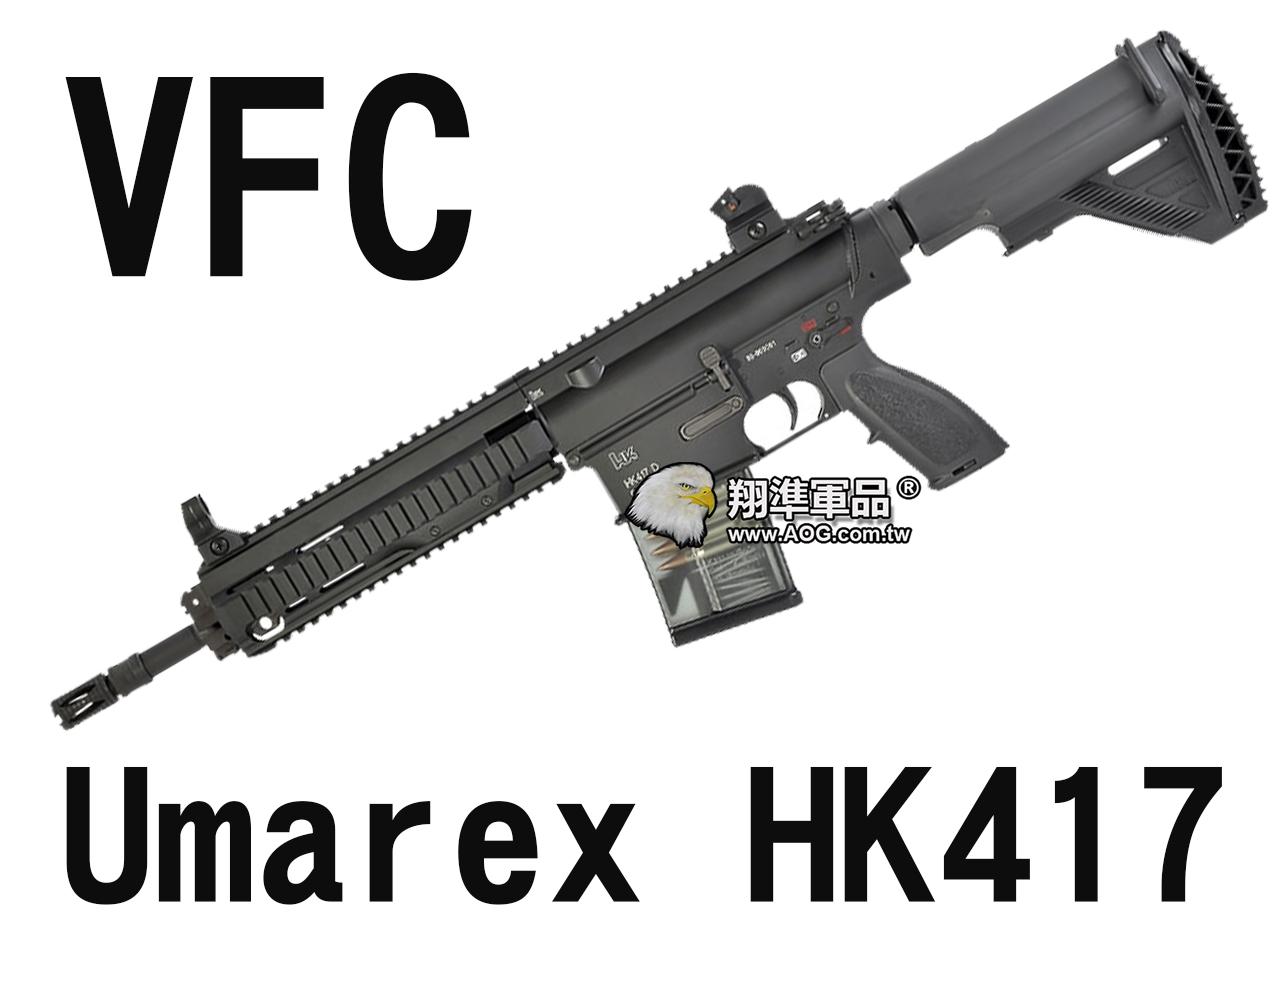 【翔準軍品AOG】【VFC】Umarex HK417 海軍托 魚骨版 電動槍 狙擊槍 黑色 VF1-LHK417-BK01